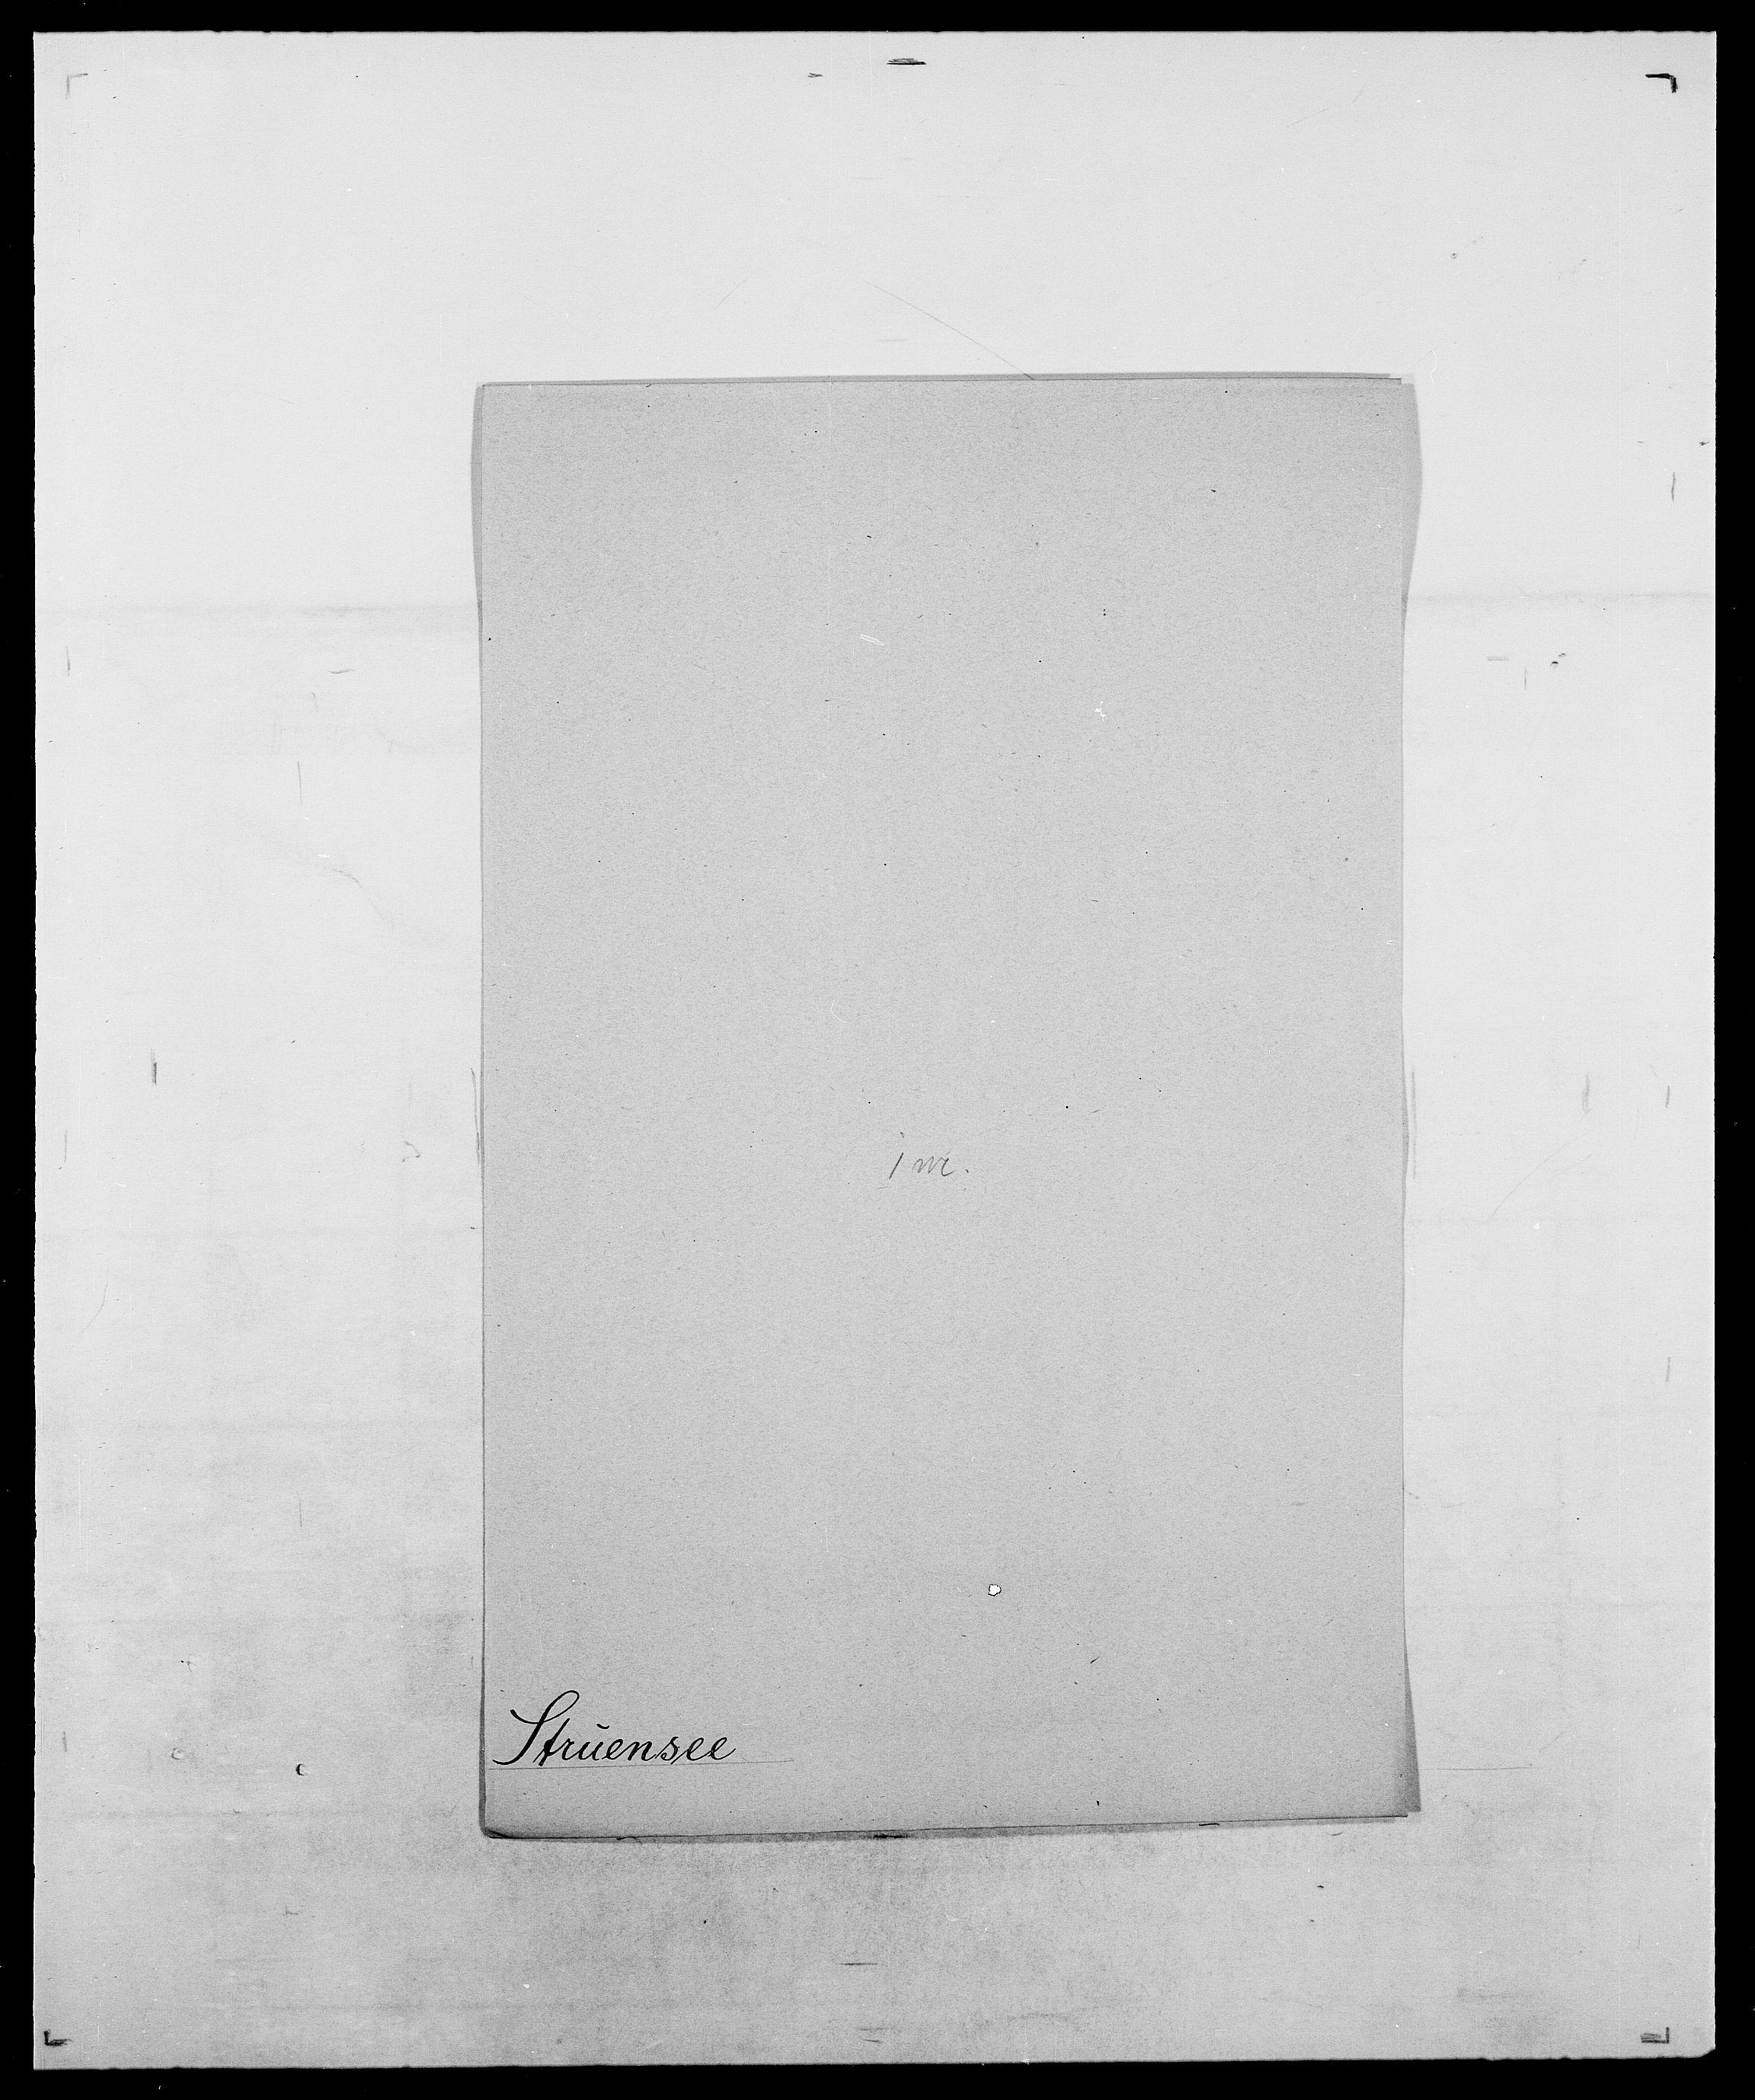 SAO, Delgobe, Charles Antoine - samling, D/Da/L0037: Steen, Sthen, Stein - Svare, Svanige, Svanne, se også Svanning og Schwane, s. 618